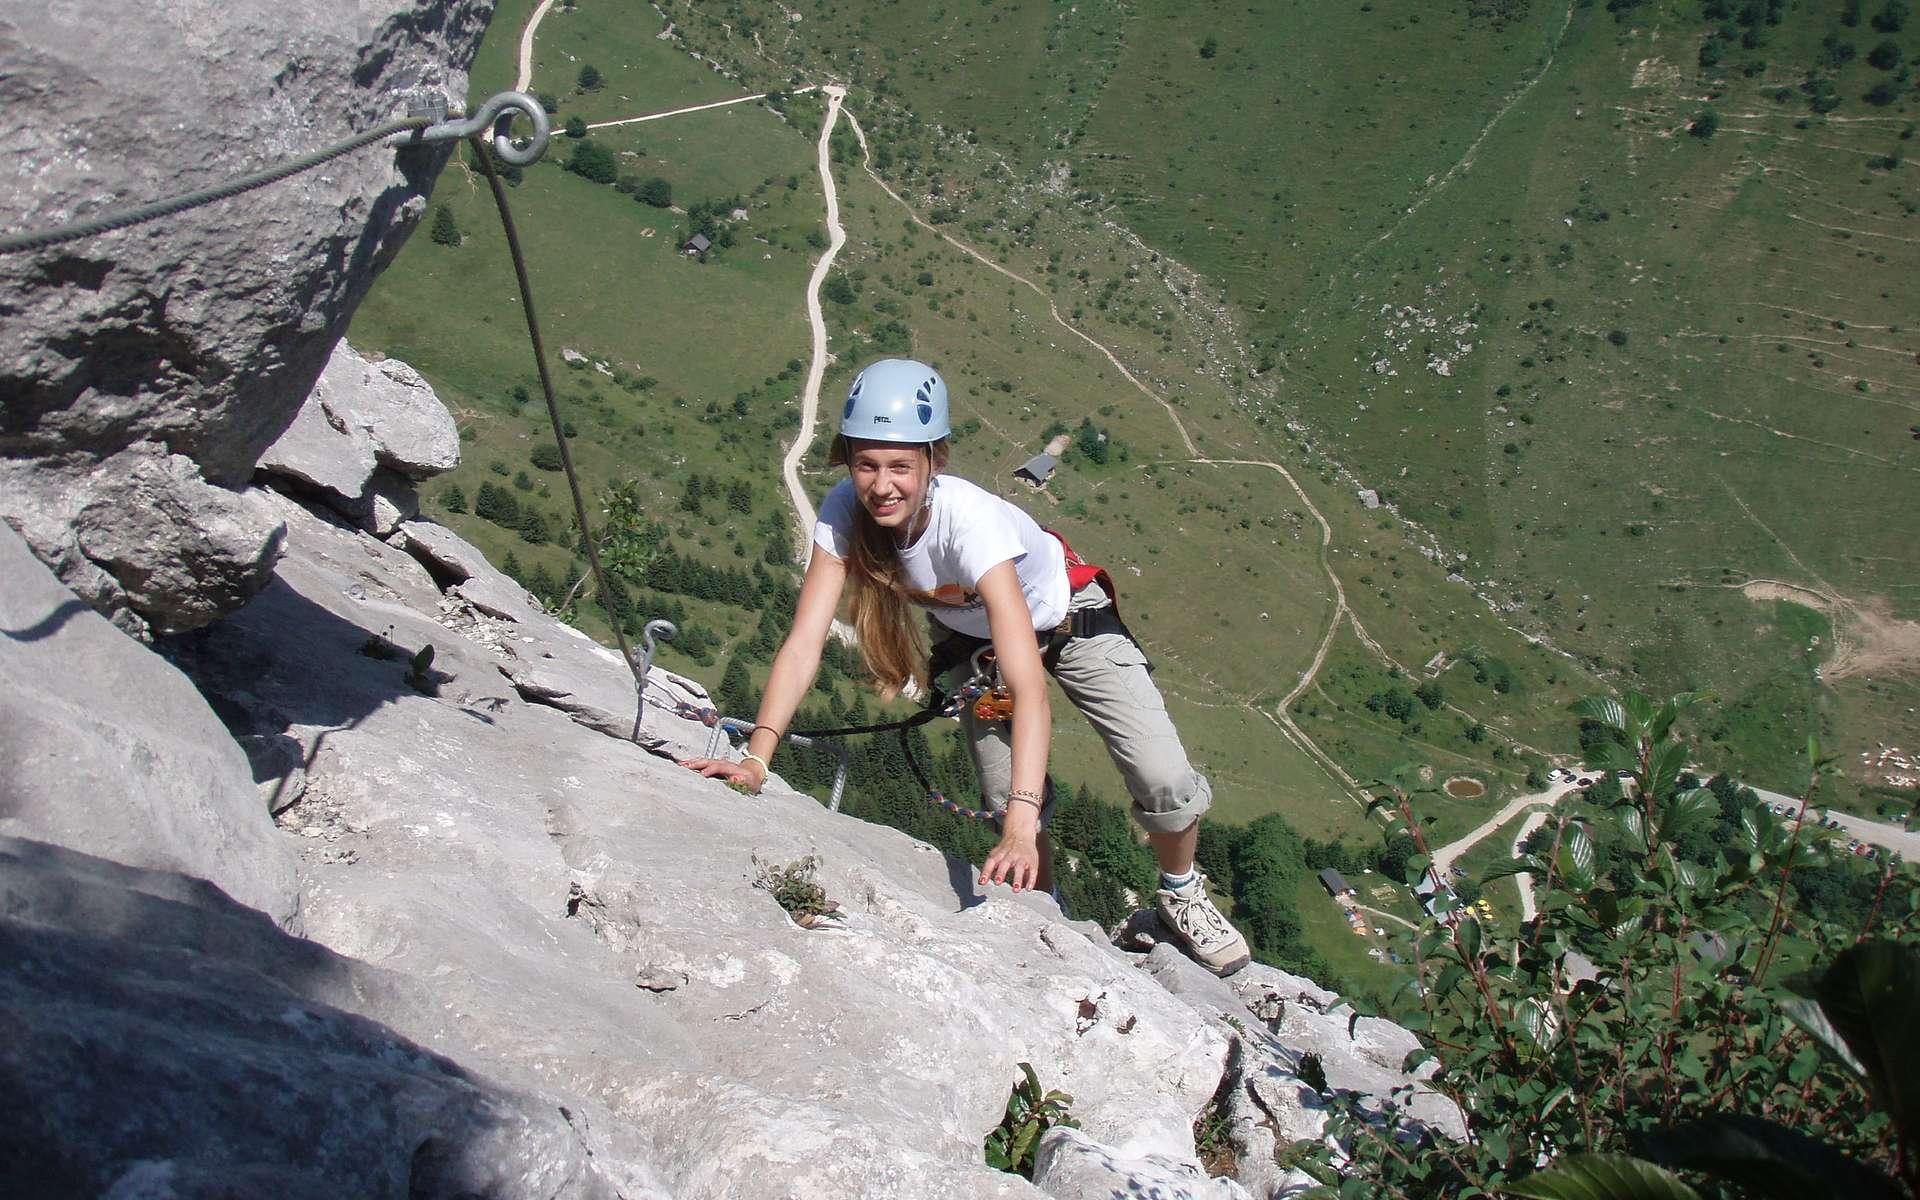 La peur du vide, ou acrophobie, empêche de faire certaines activités. © montemedio.com